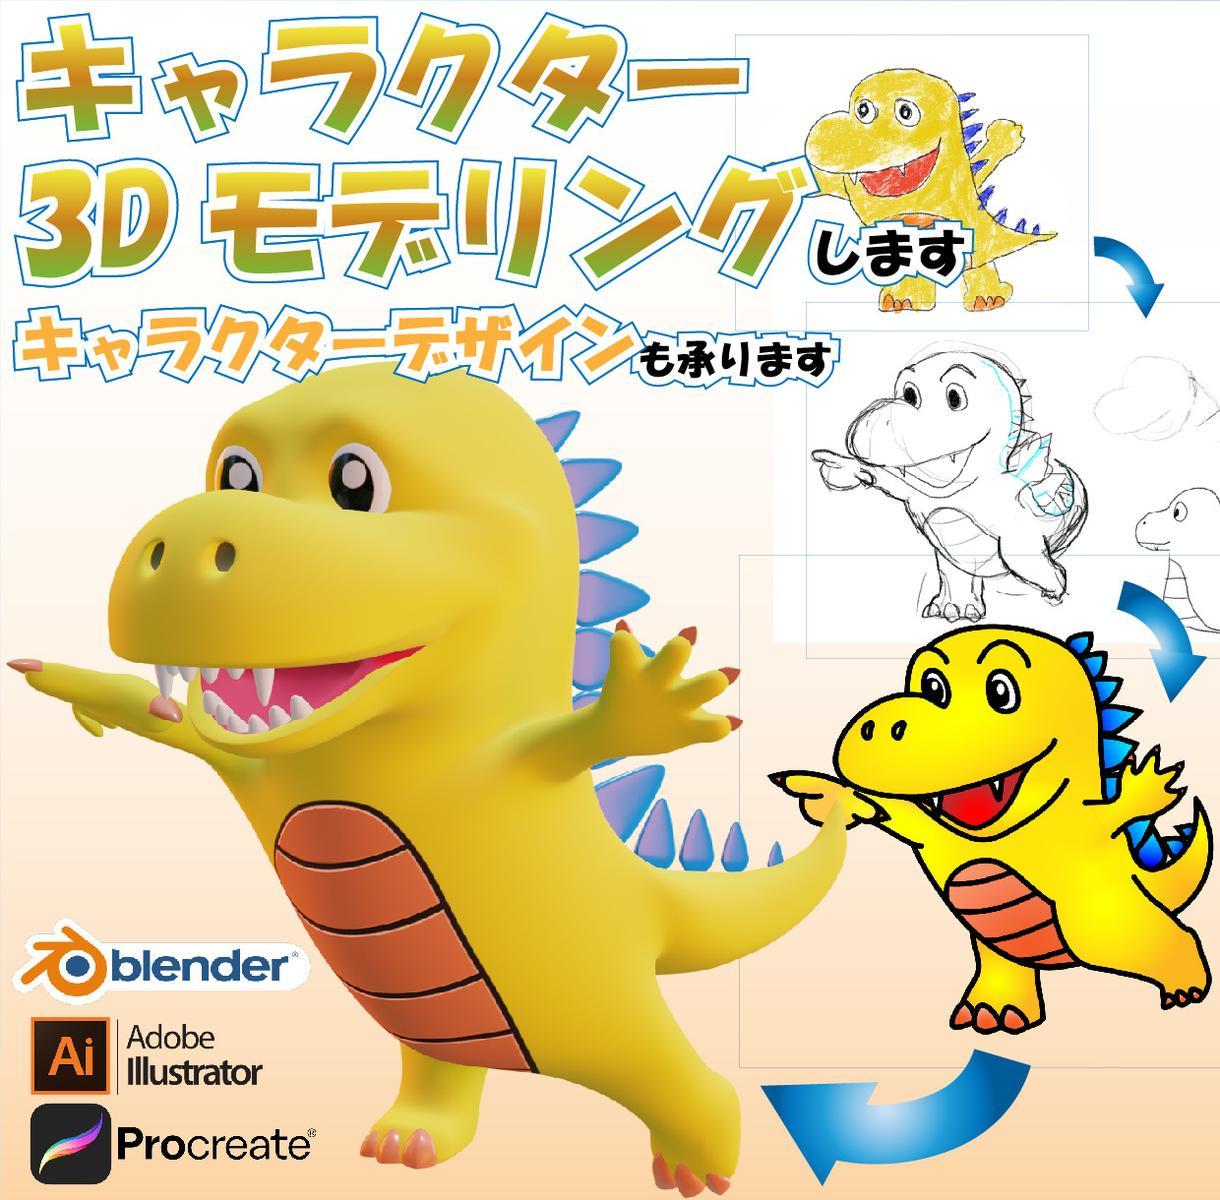 3Dモデリングします キャラクターデザインも承ります イメージ1